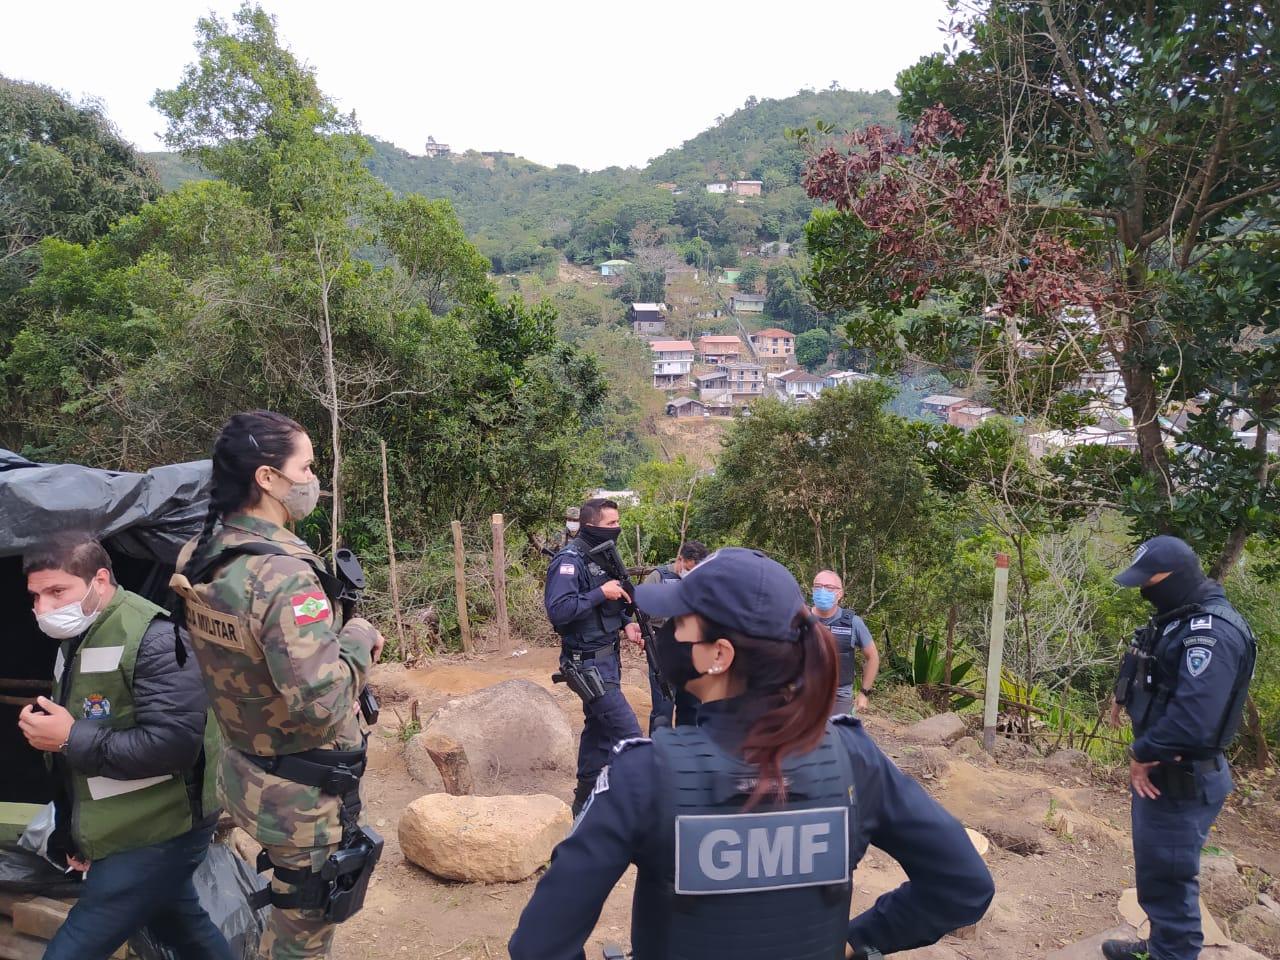 Ocupação Irregular em Floripa: Prefeitura evita invasão no Alto da Caieira